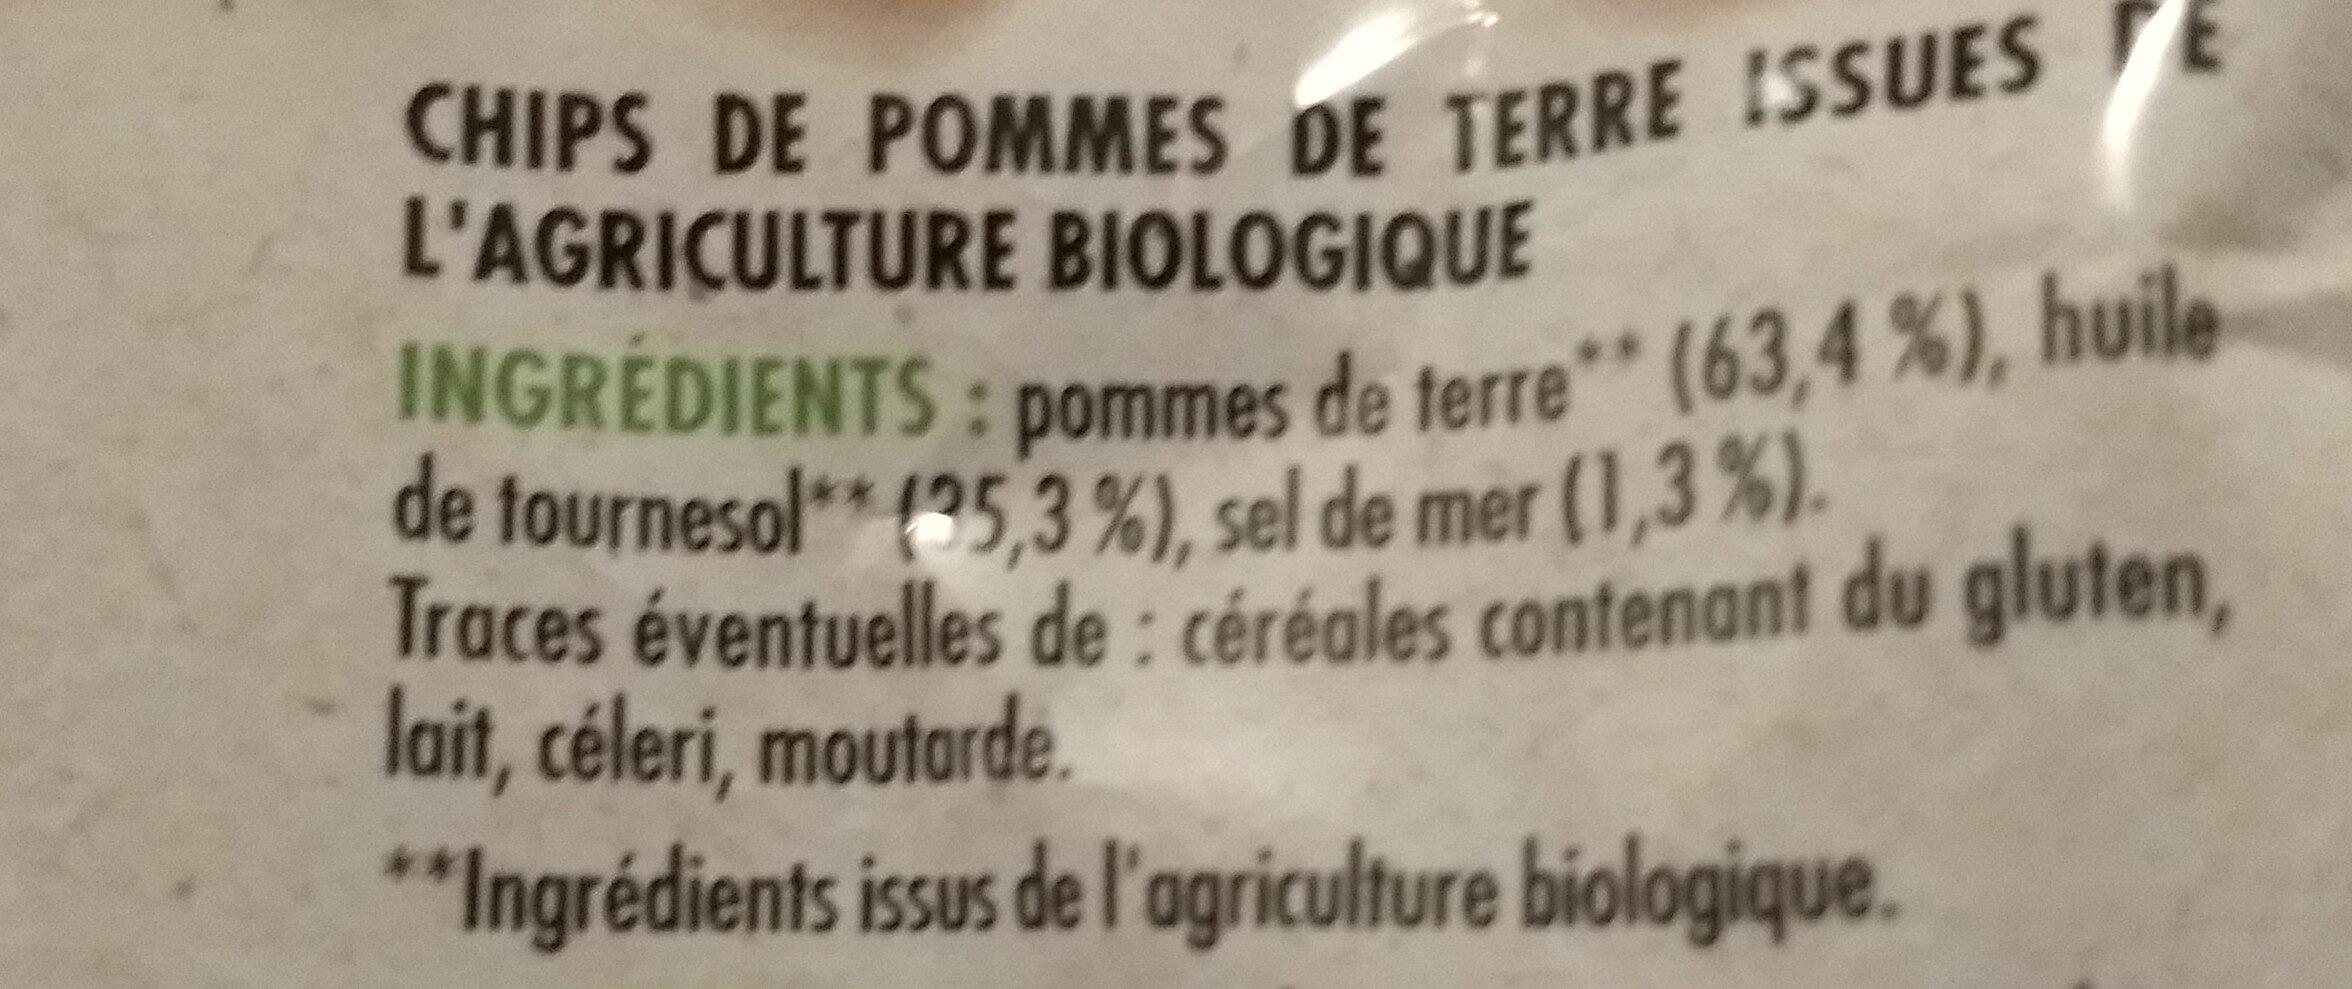 Chips bio - Ingrediënten